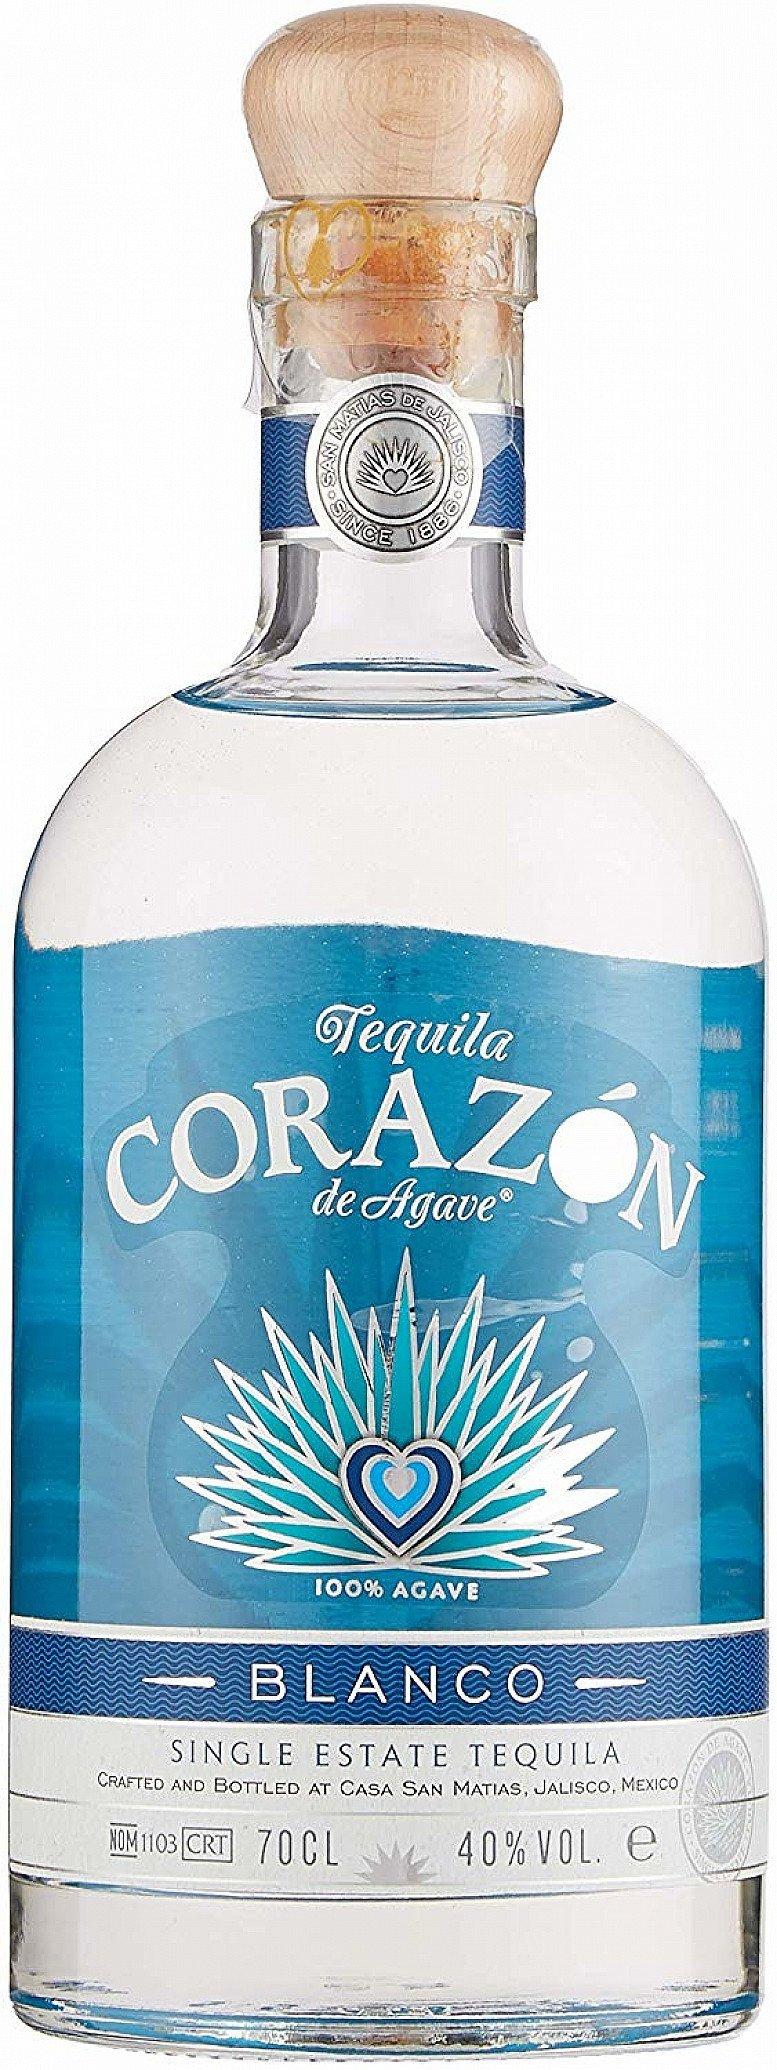 Corazon Blanco Single Estate Tequila 70CL - £30.50!